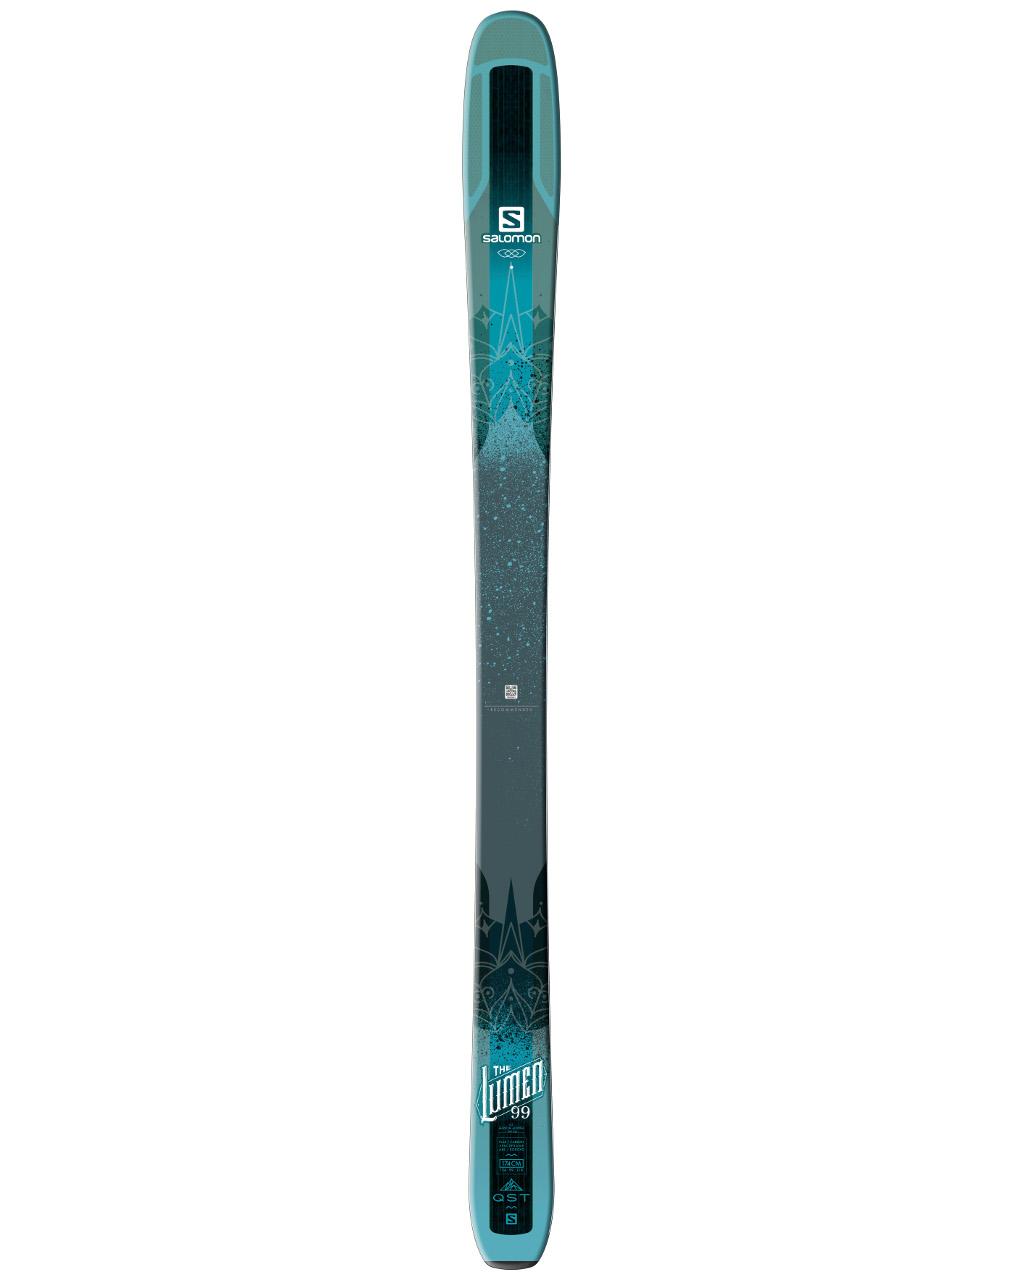 QST Lumen 99 W 1718 GreenDark Blue